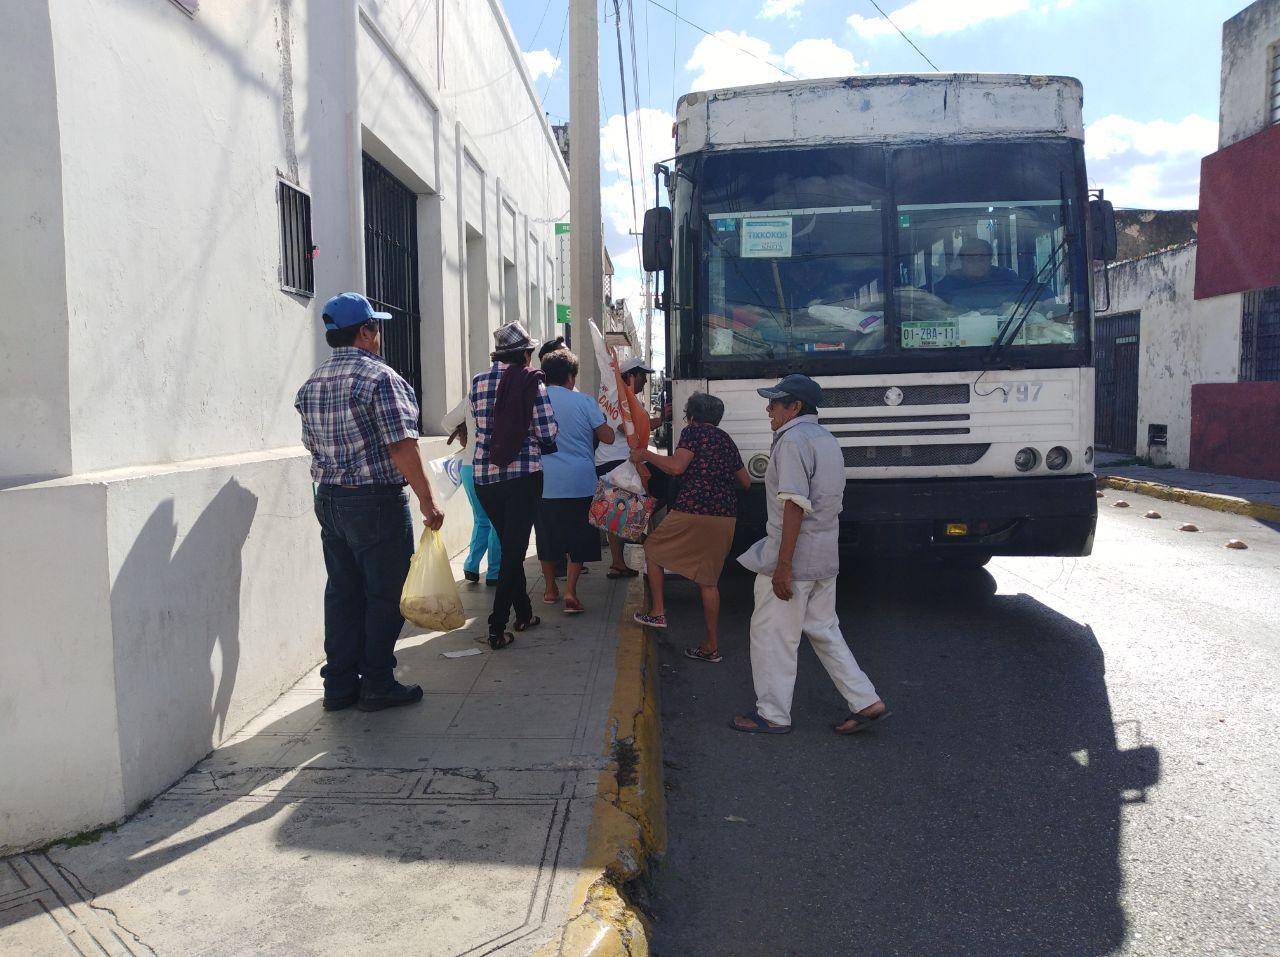 Ruta de subsidios 'contagia' transportistas yucatecos